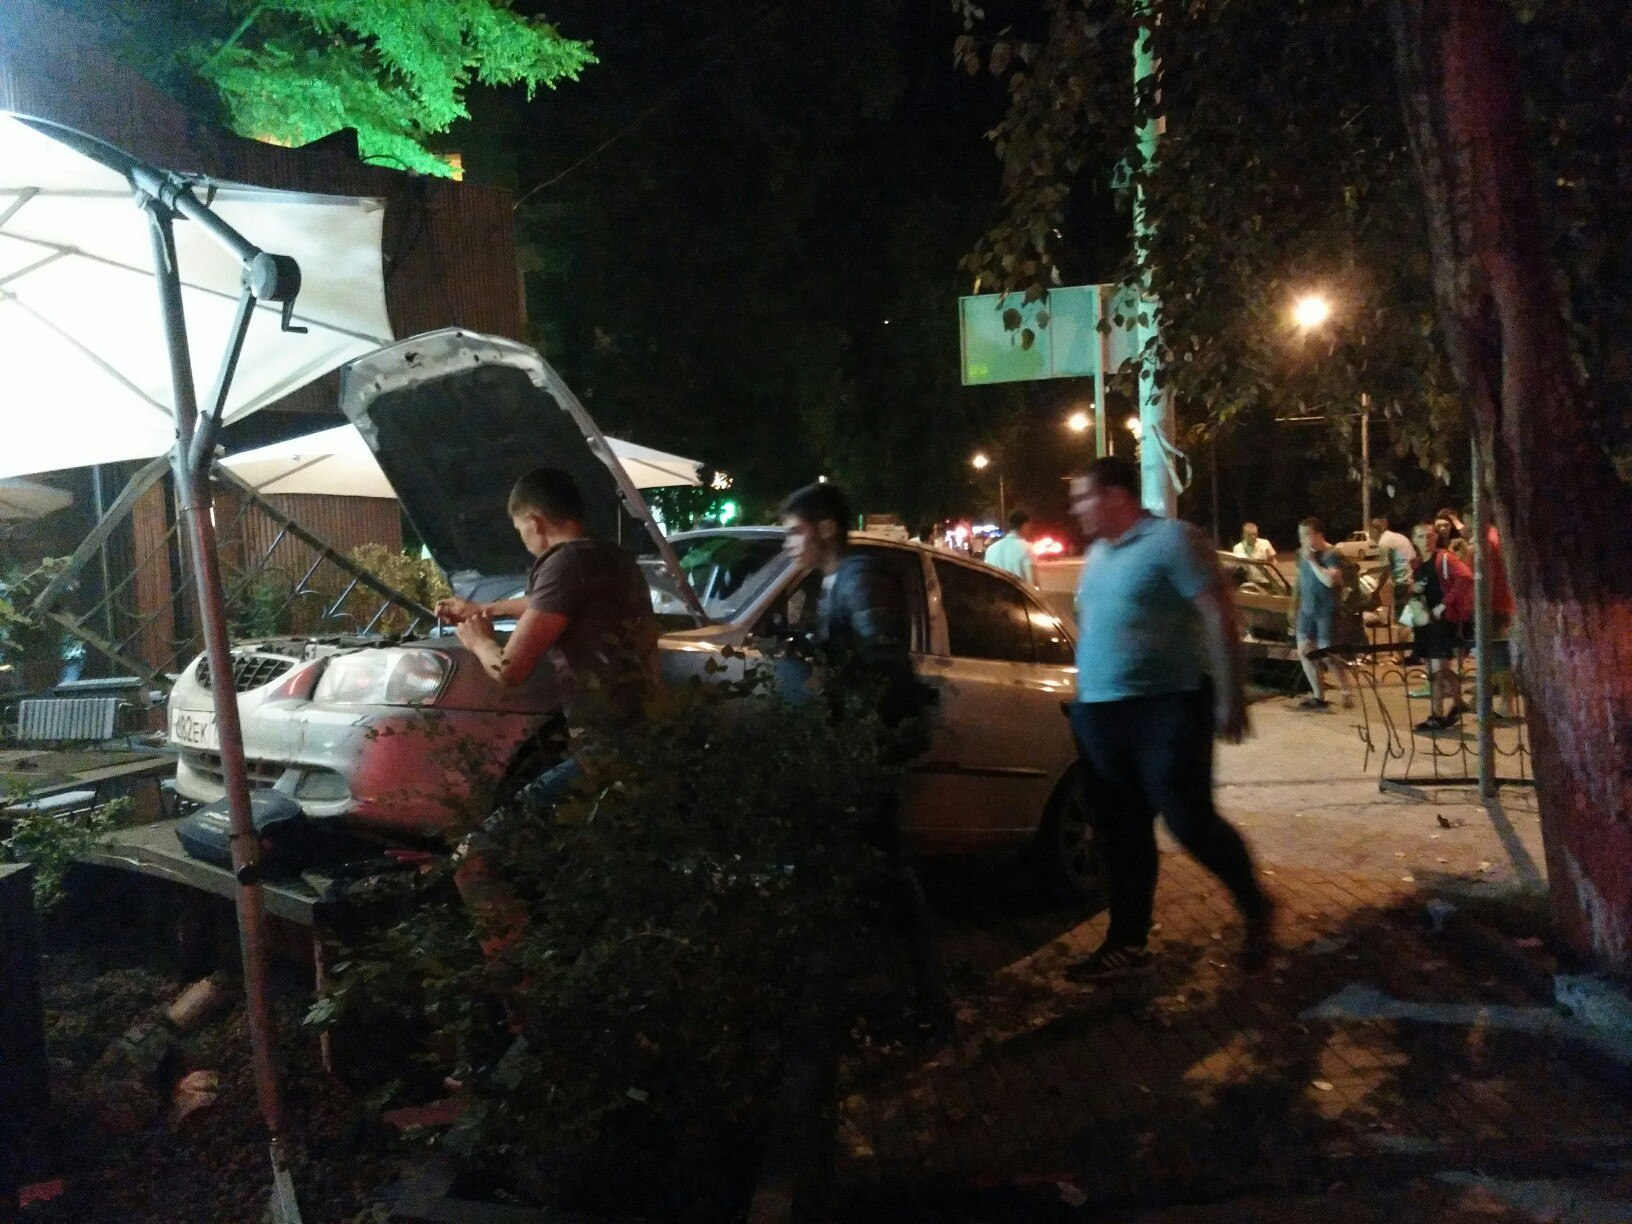 ВРостове Хёндай после ДТП сPriora протаранил ресторан «Рис»